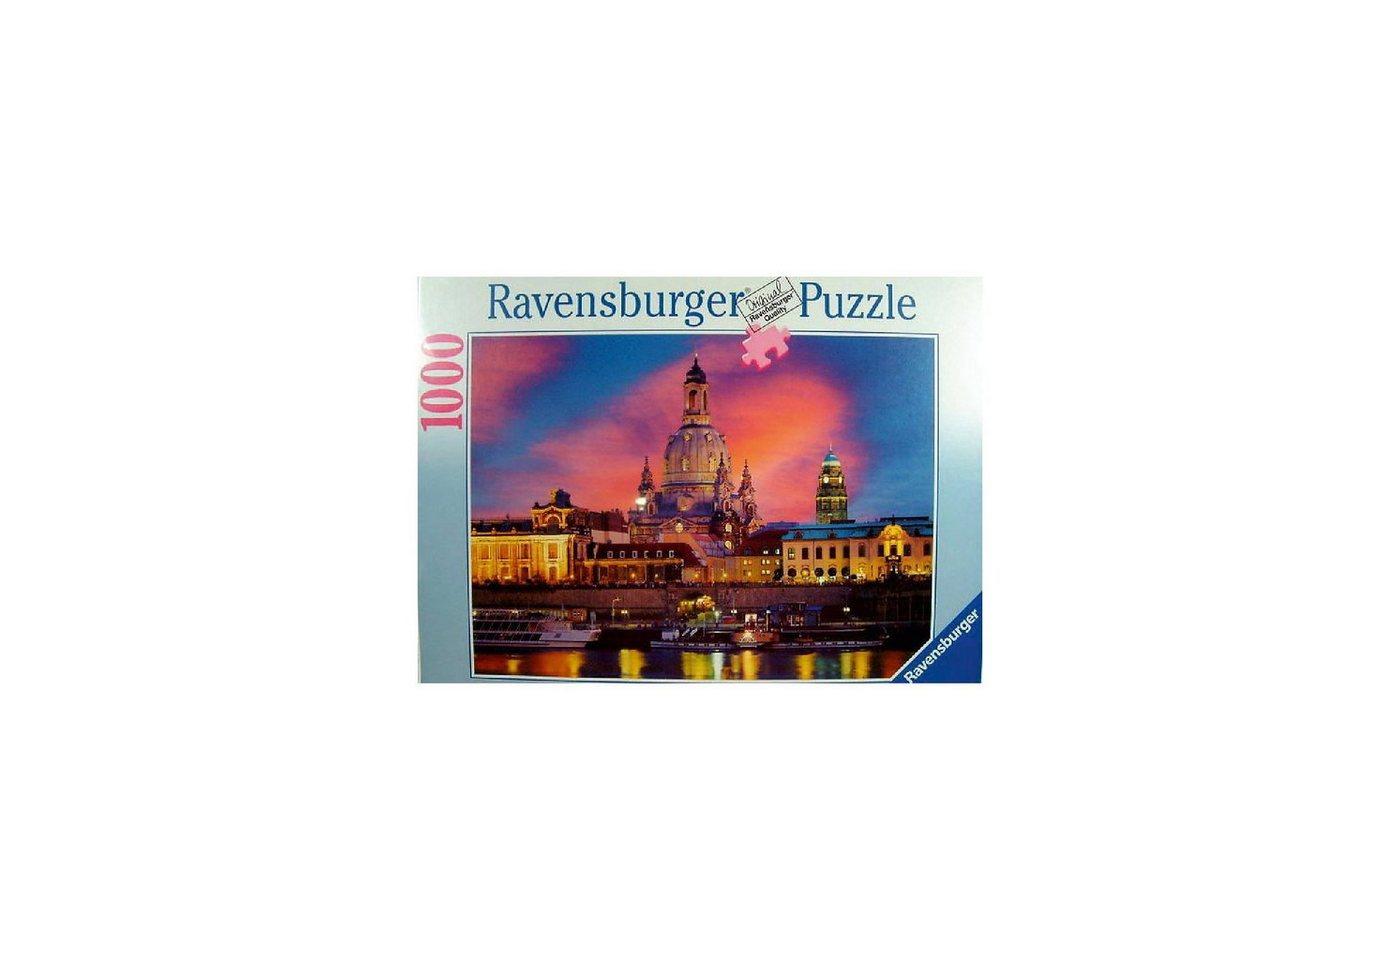 Ravensburger Puzzle 1000 Teile Frauenkirche, Dresden - Preisvergleich